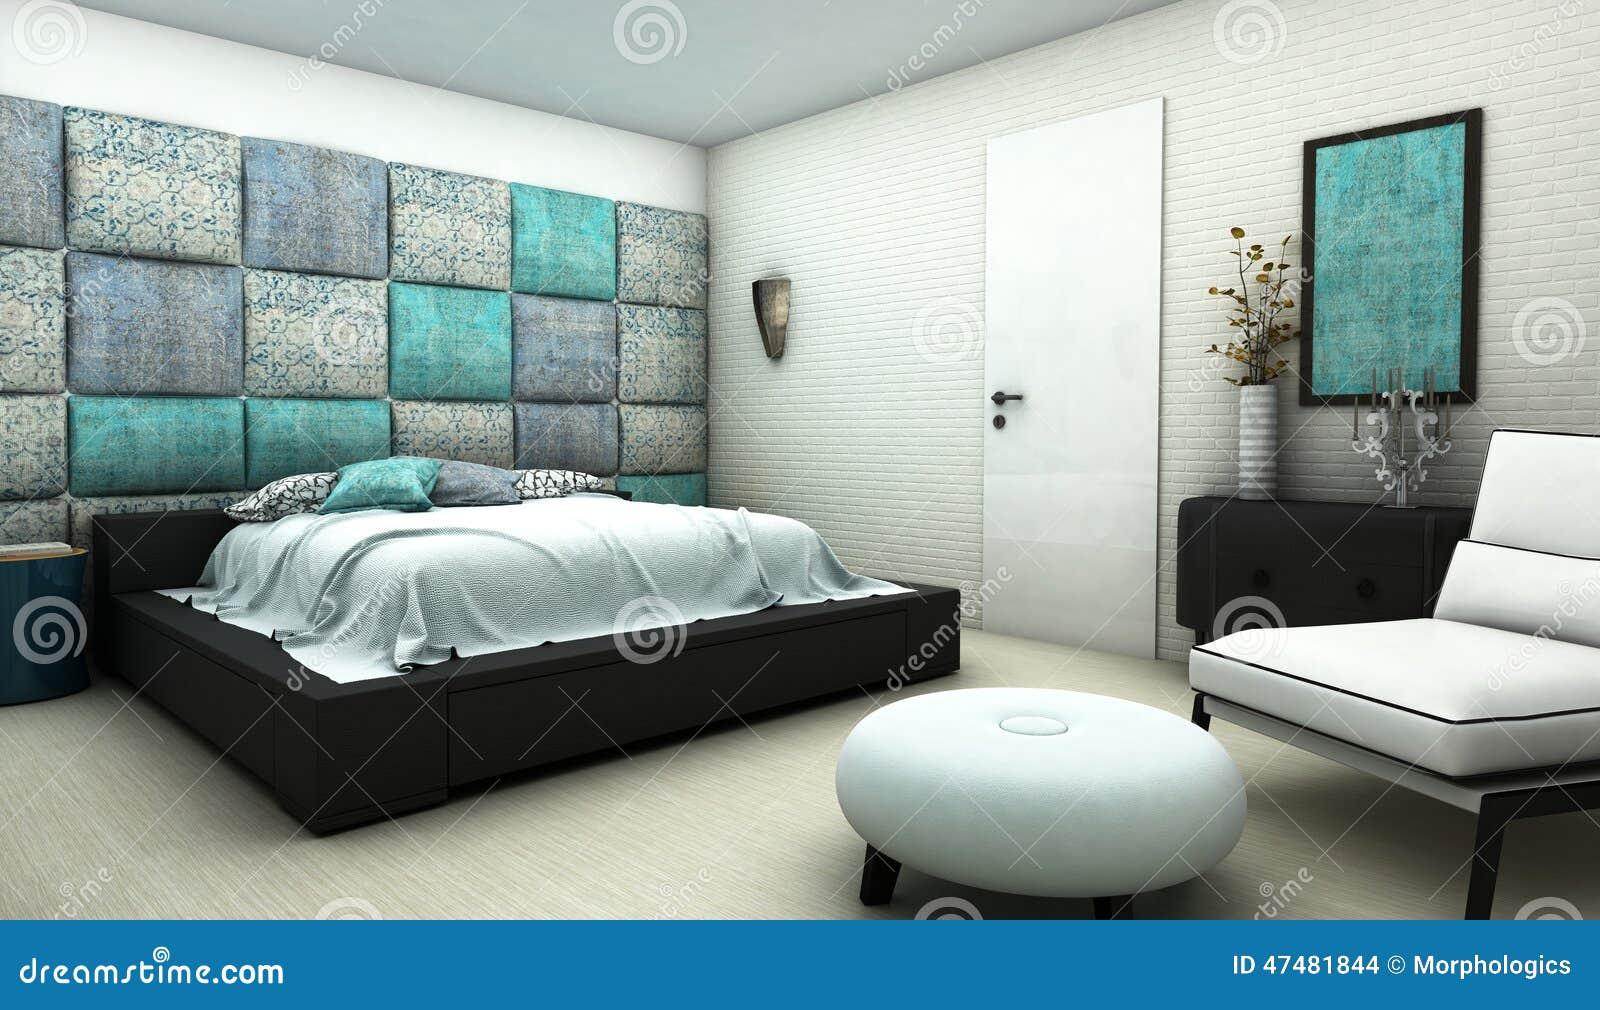 Oosterse Slaapkamer Royalty-vrije Stock Afbeelding - Afbeelding ...